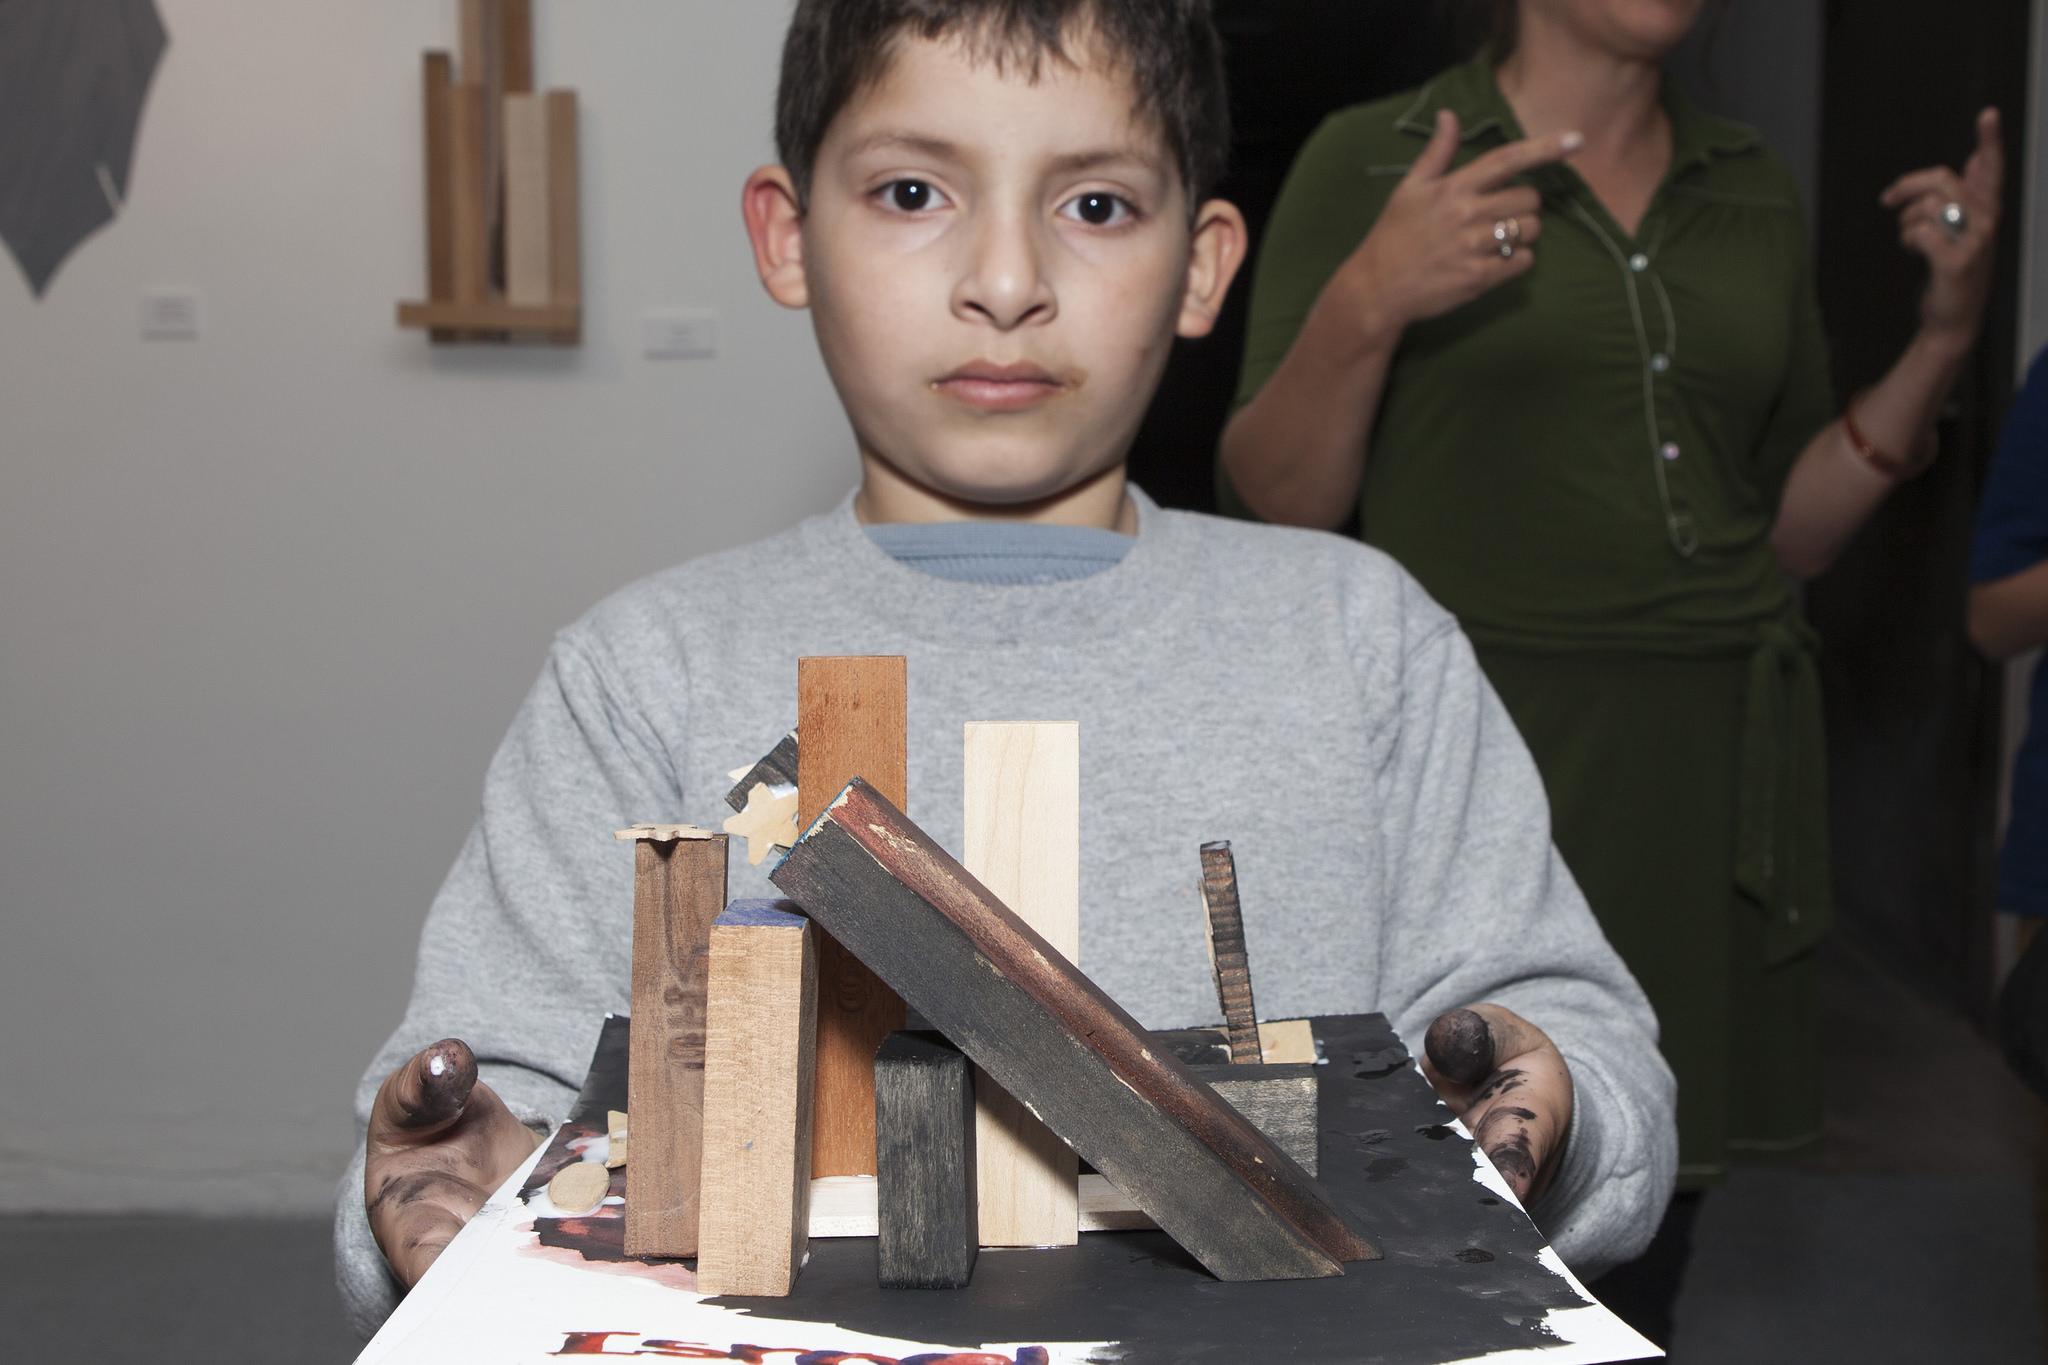 boy_sculpture.jpg